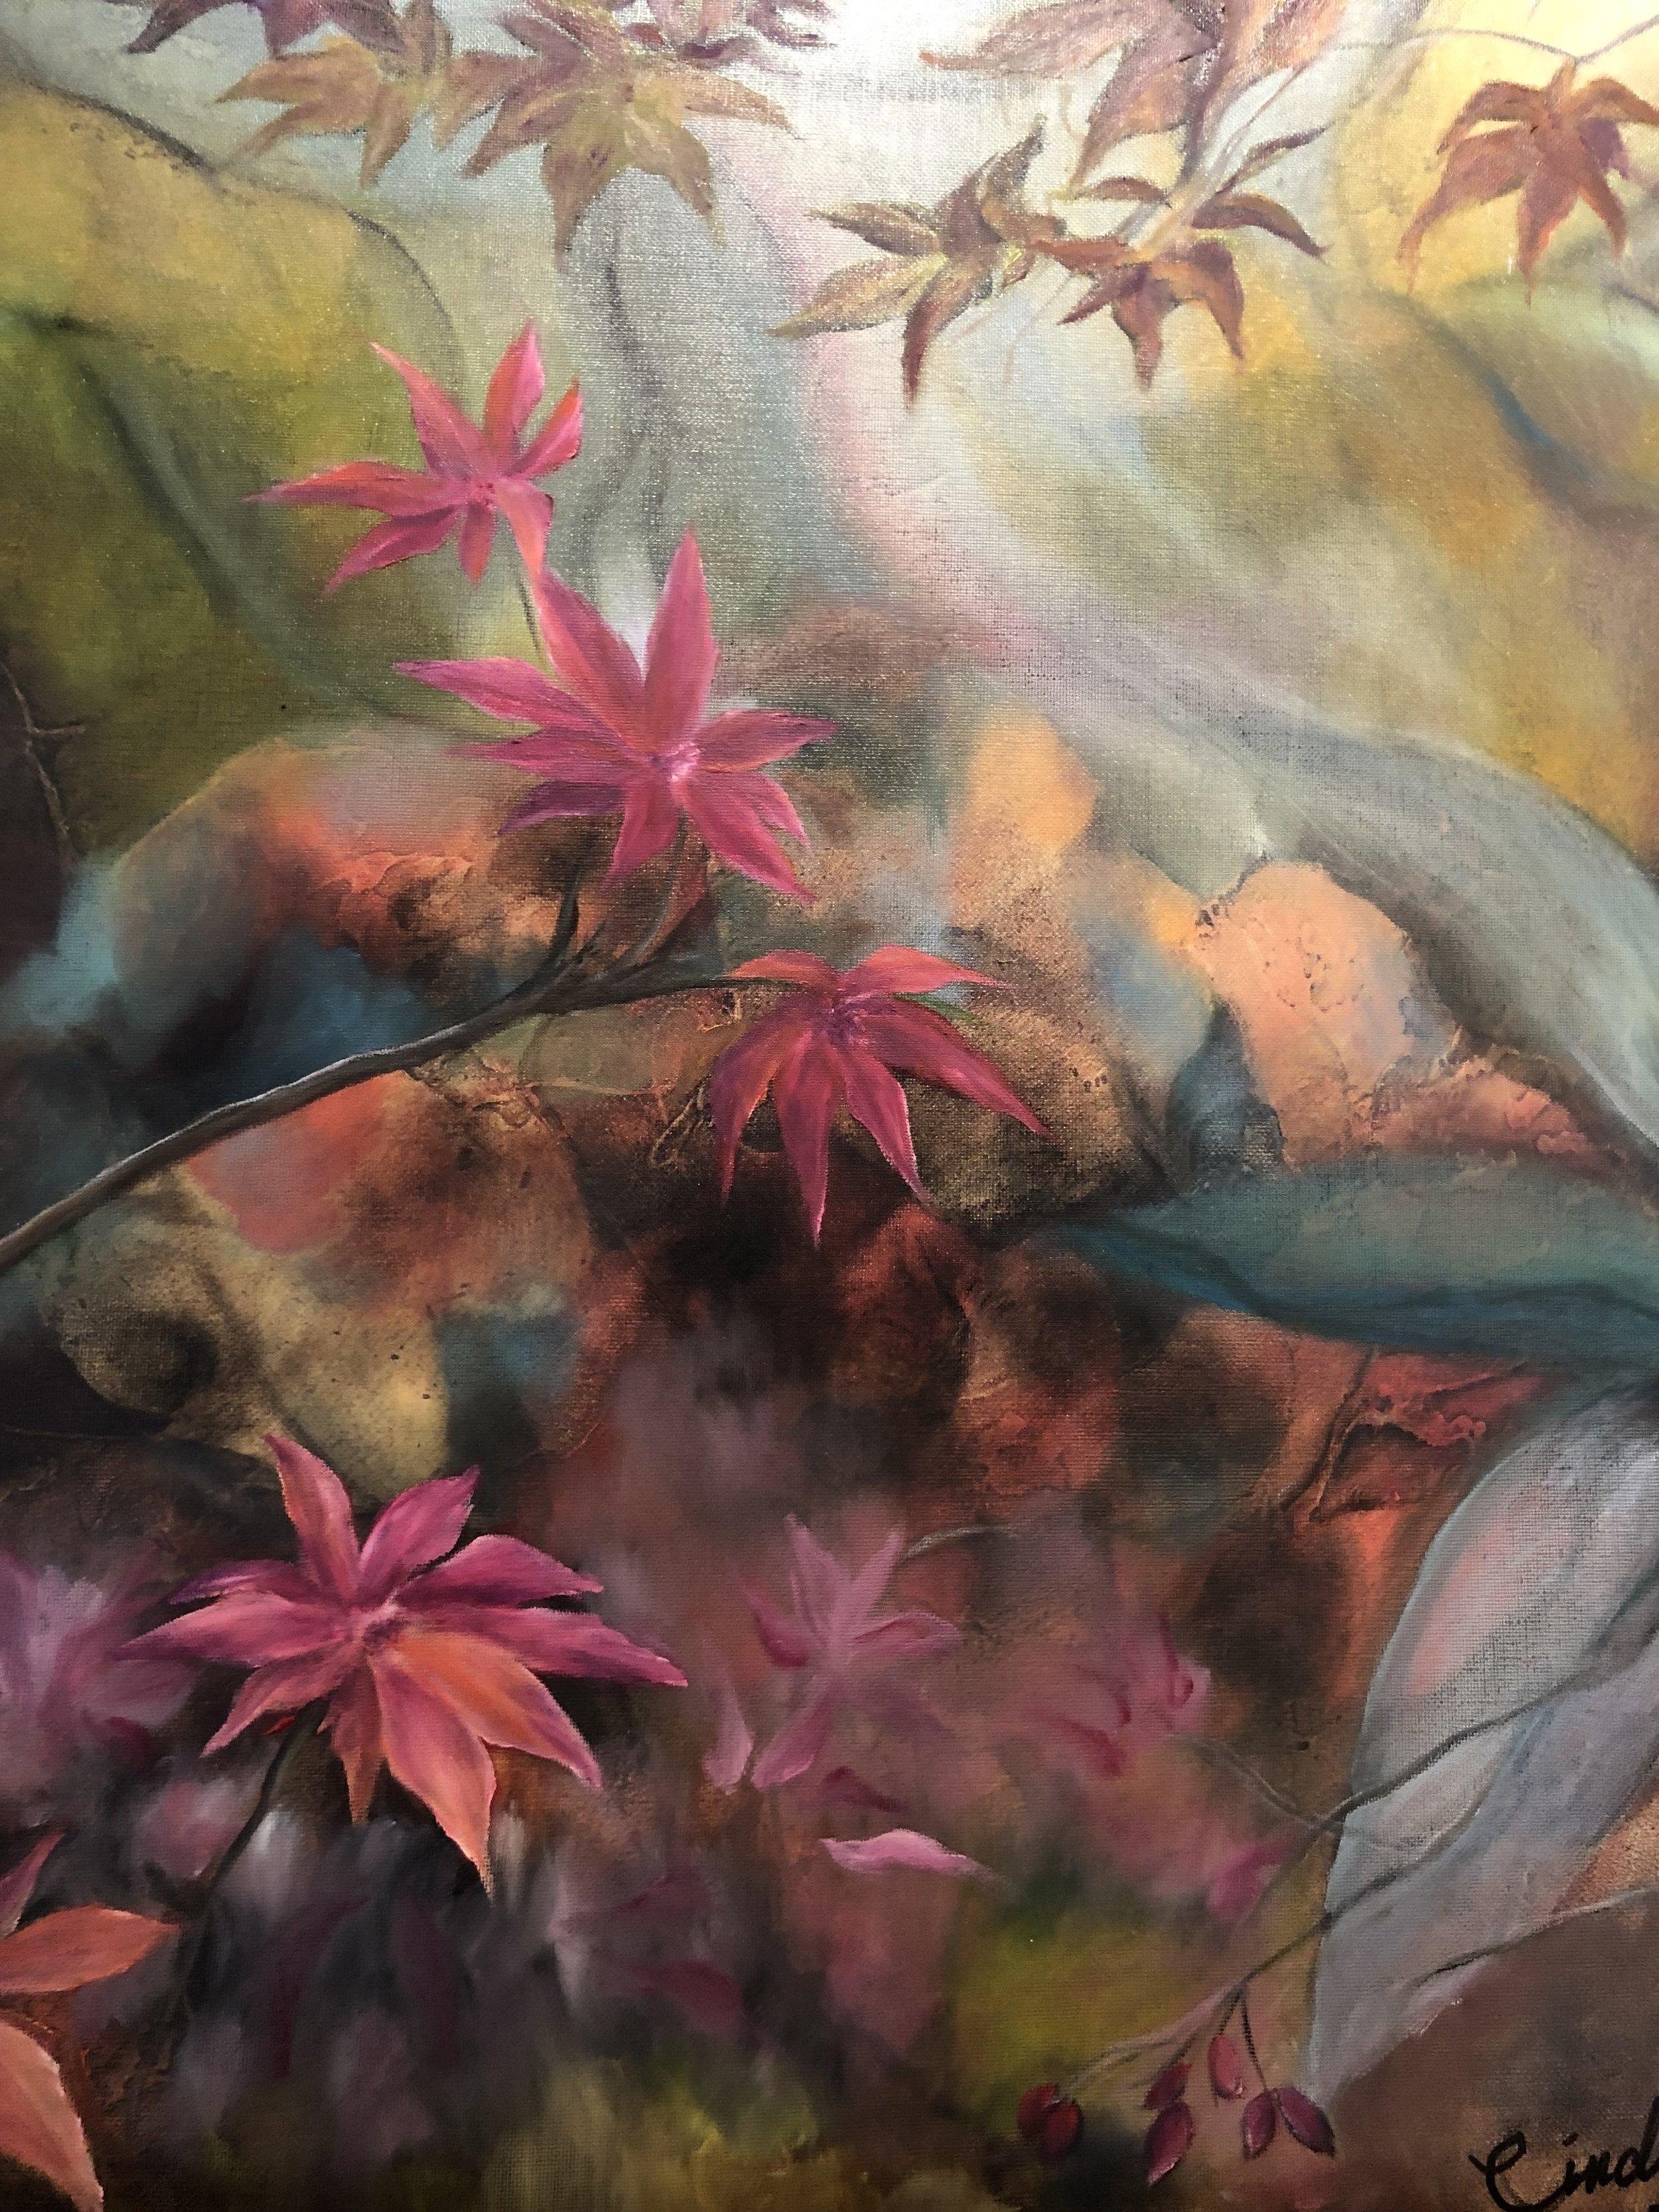 庄海英  通过对这些凋谢树叶的描绘,用模糊幻想型的笔触颜色,给这些自然的魅力加上了更多想象力。这正是庄海英女士绘画的魔力所在。